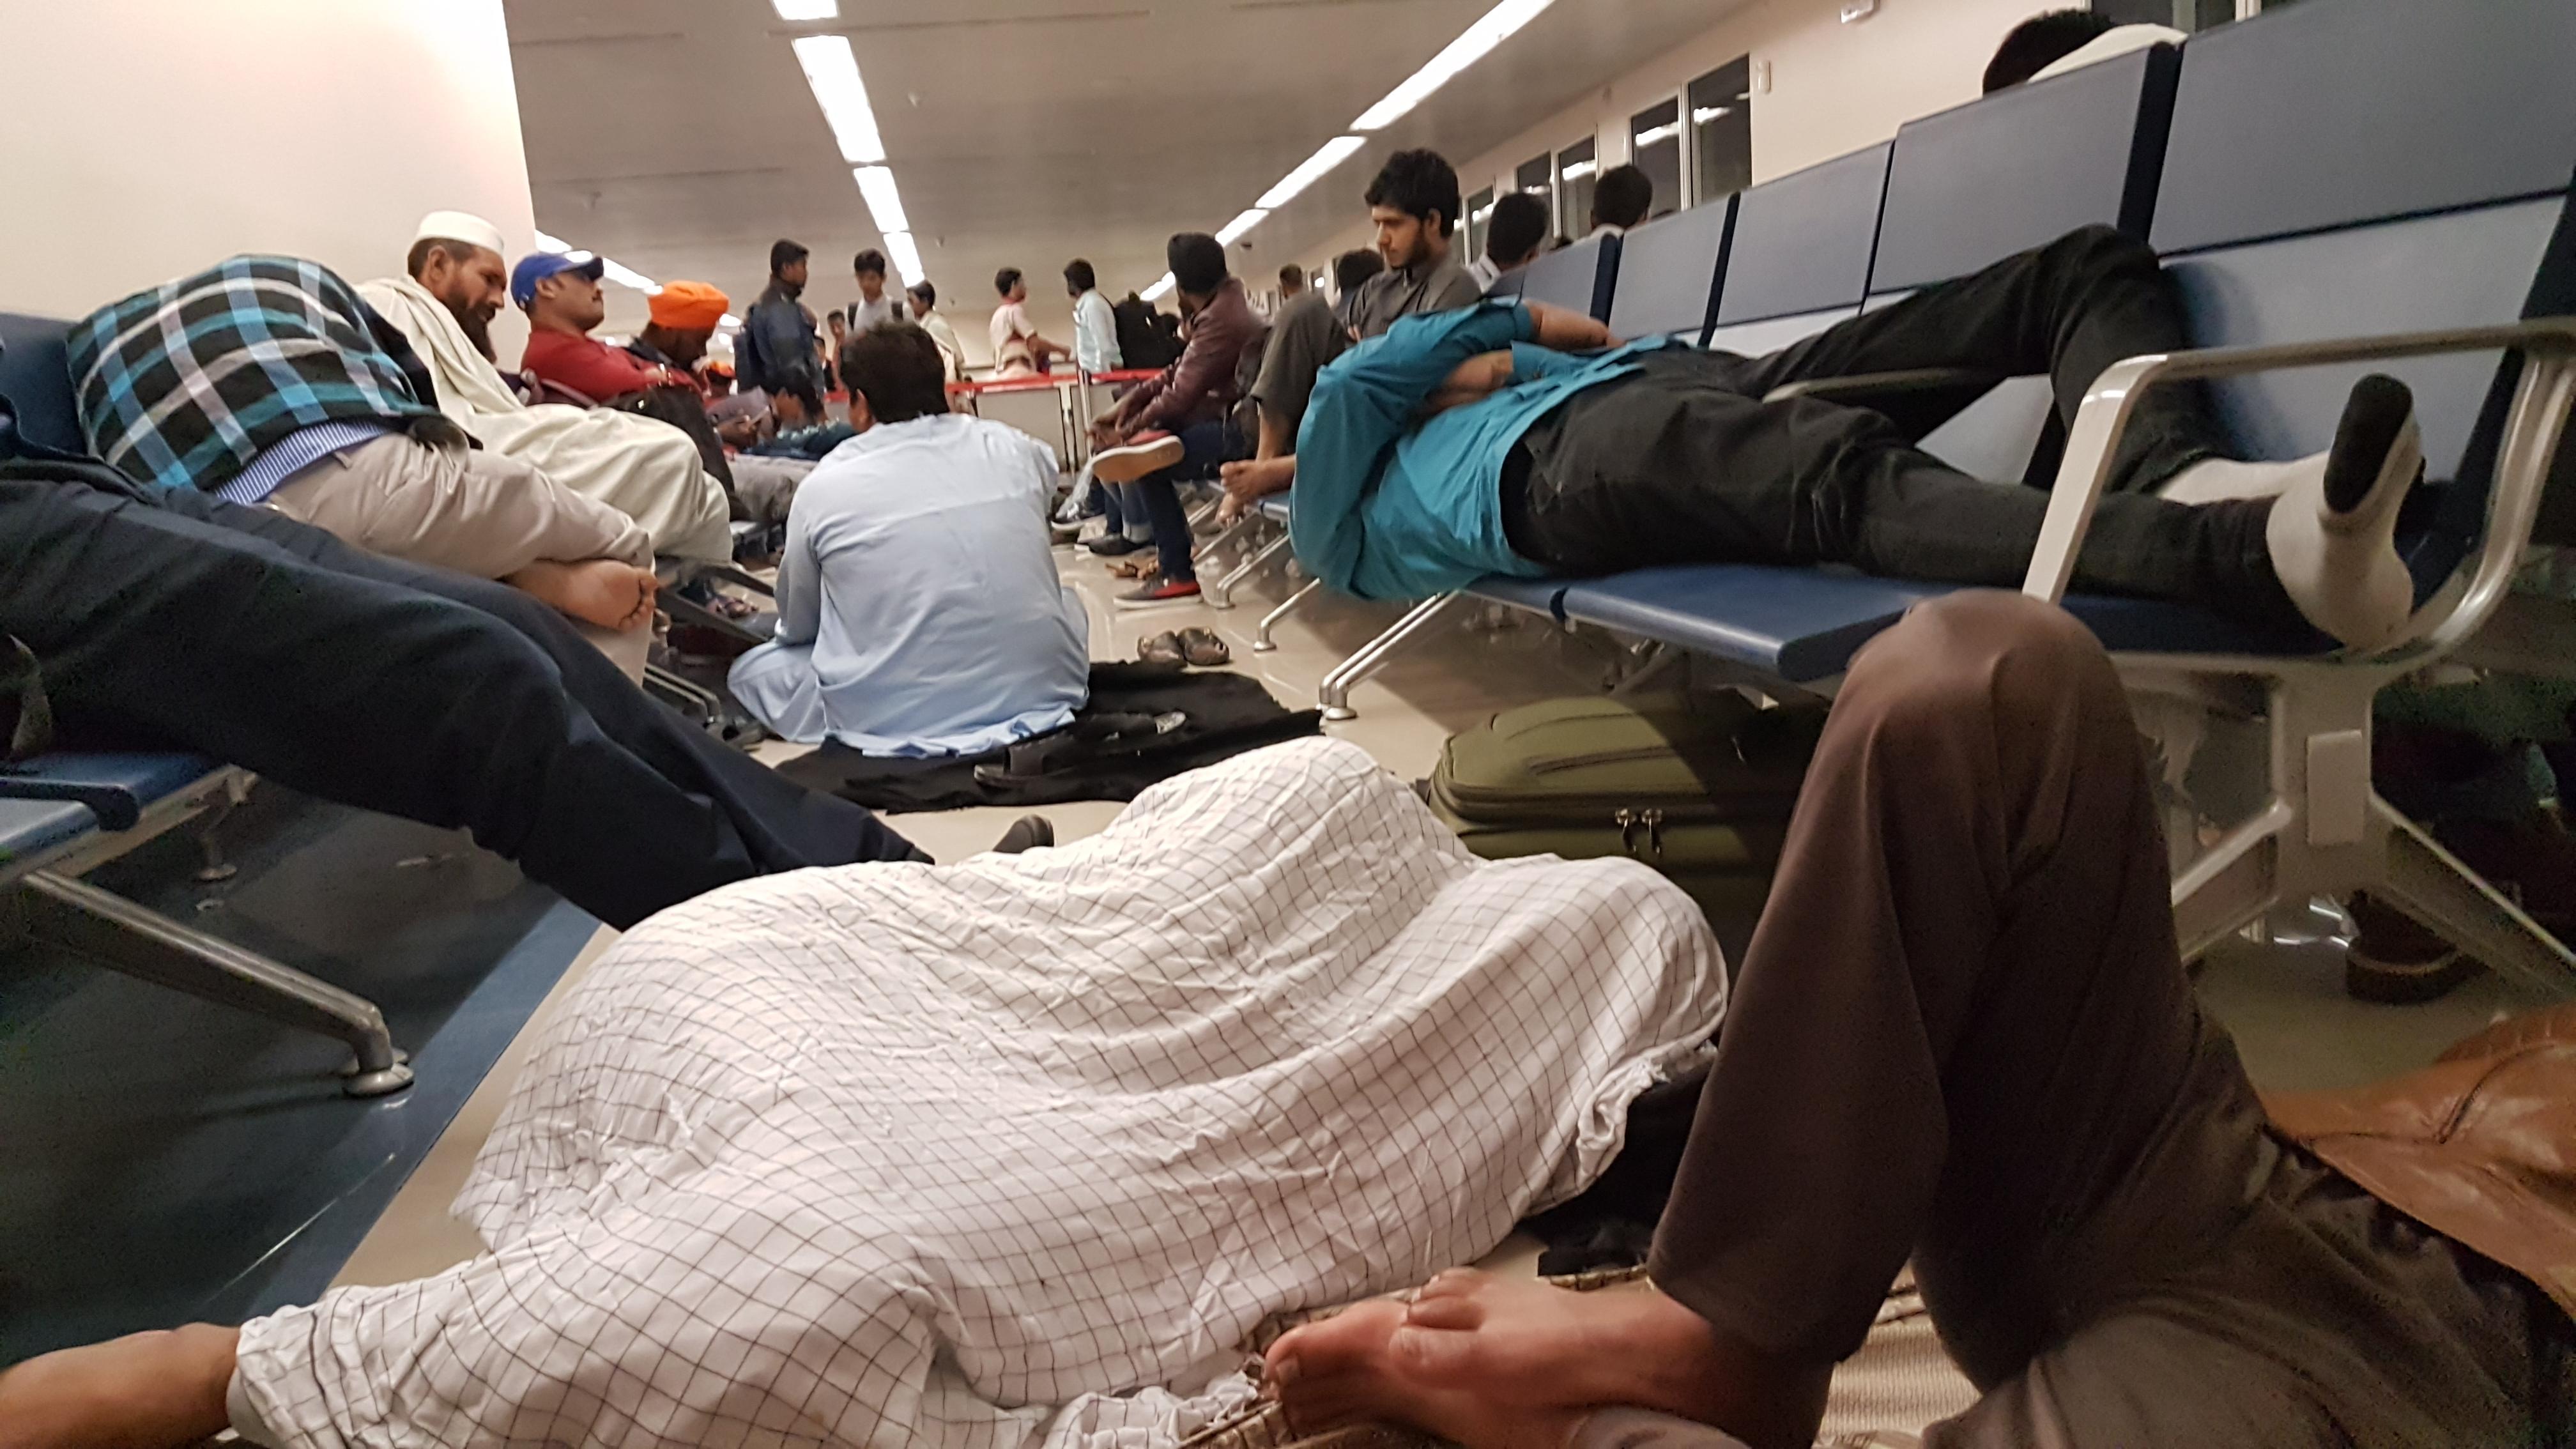 Ночевка в аэропорту дубай коттедж в испании